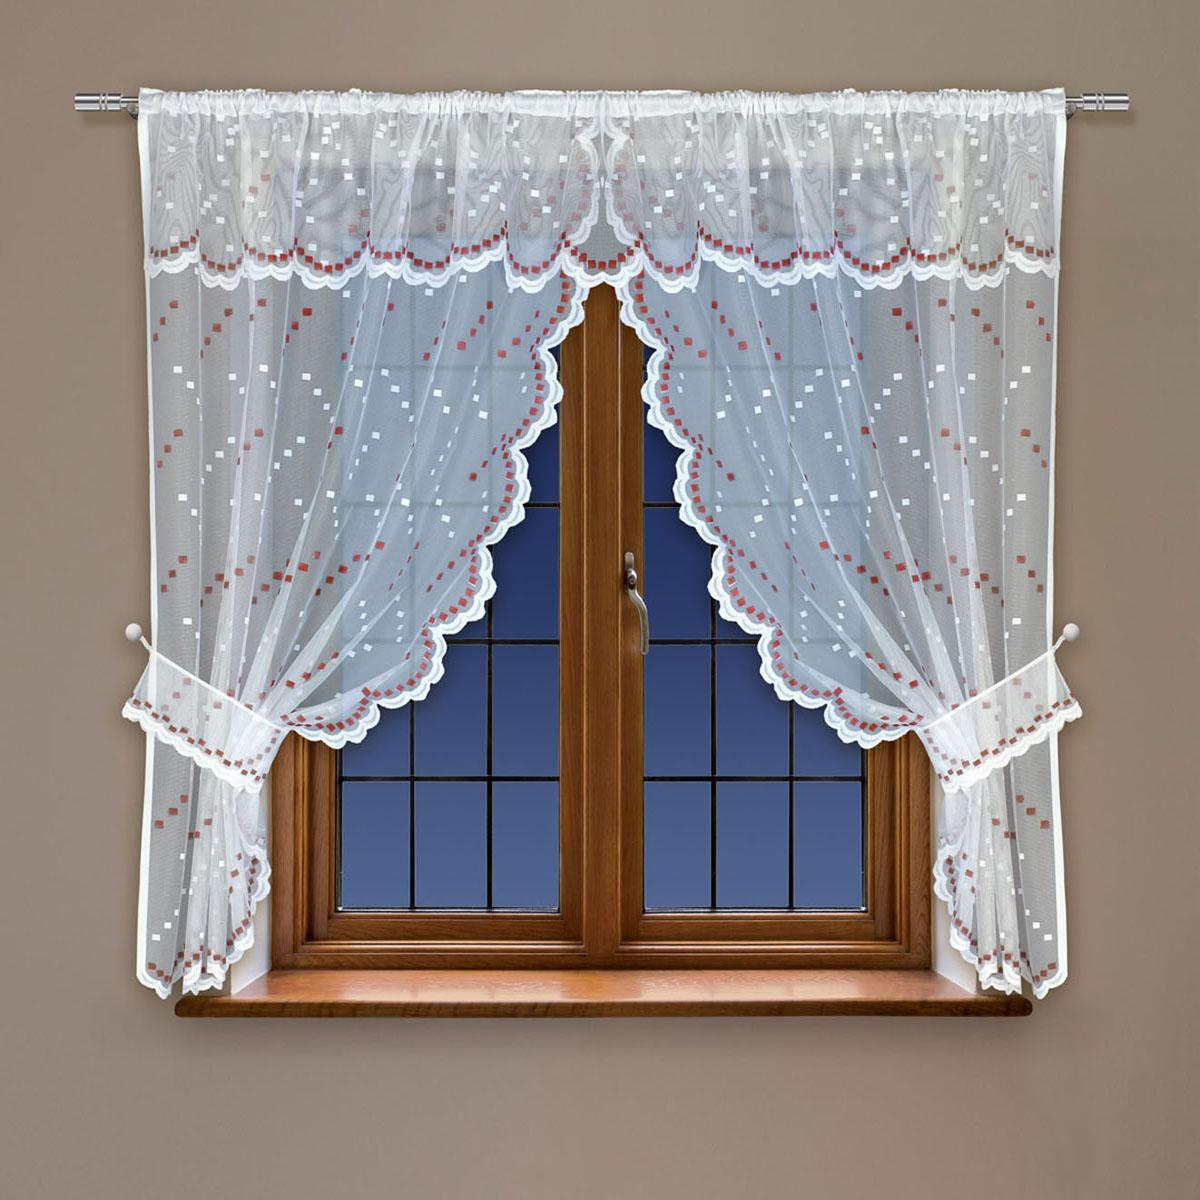 Гардина Haft, на кулиске, цвет: белый, красный, высота 91 см. 228410200423/122Воздушная гардина Haft, выполненная из полиэстера, великолепно украсит любое окно.Изделие имеет оригинальный дизайн и органично впишется в интерьер помещения.Гардина крепится на карниз при помощи кулиски.